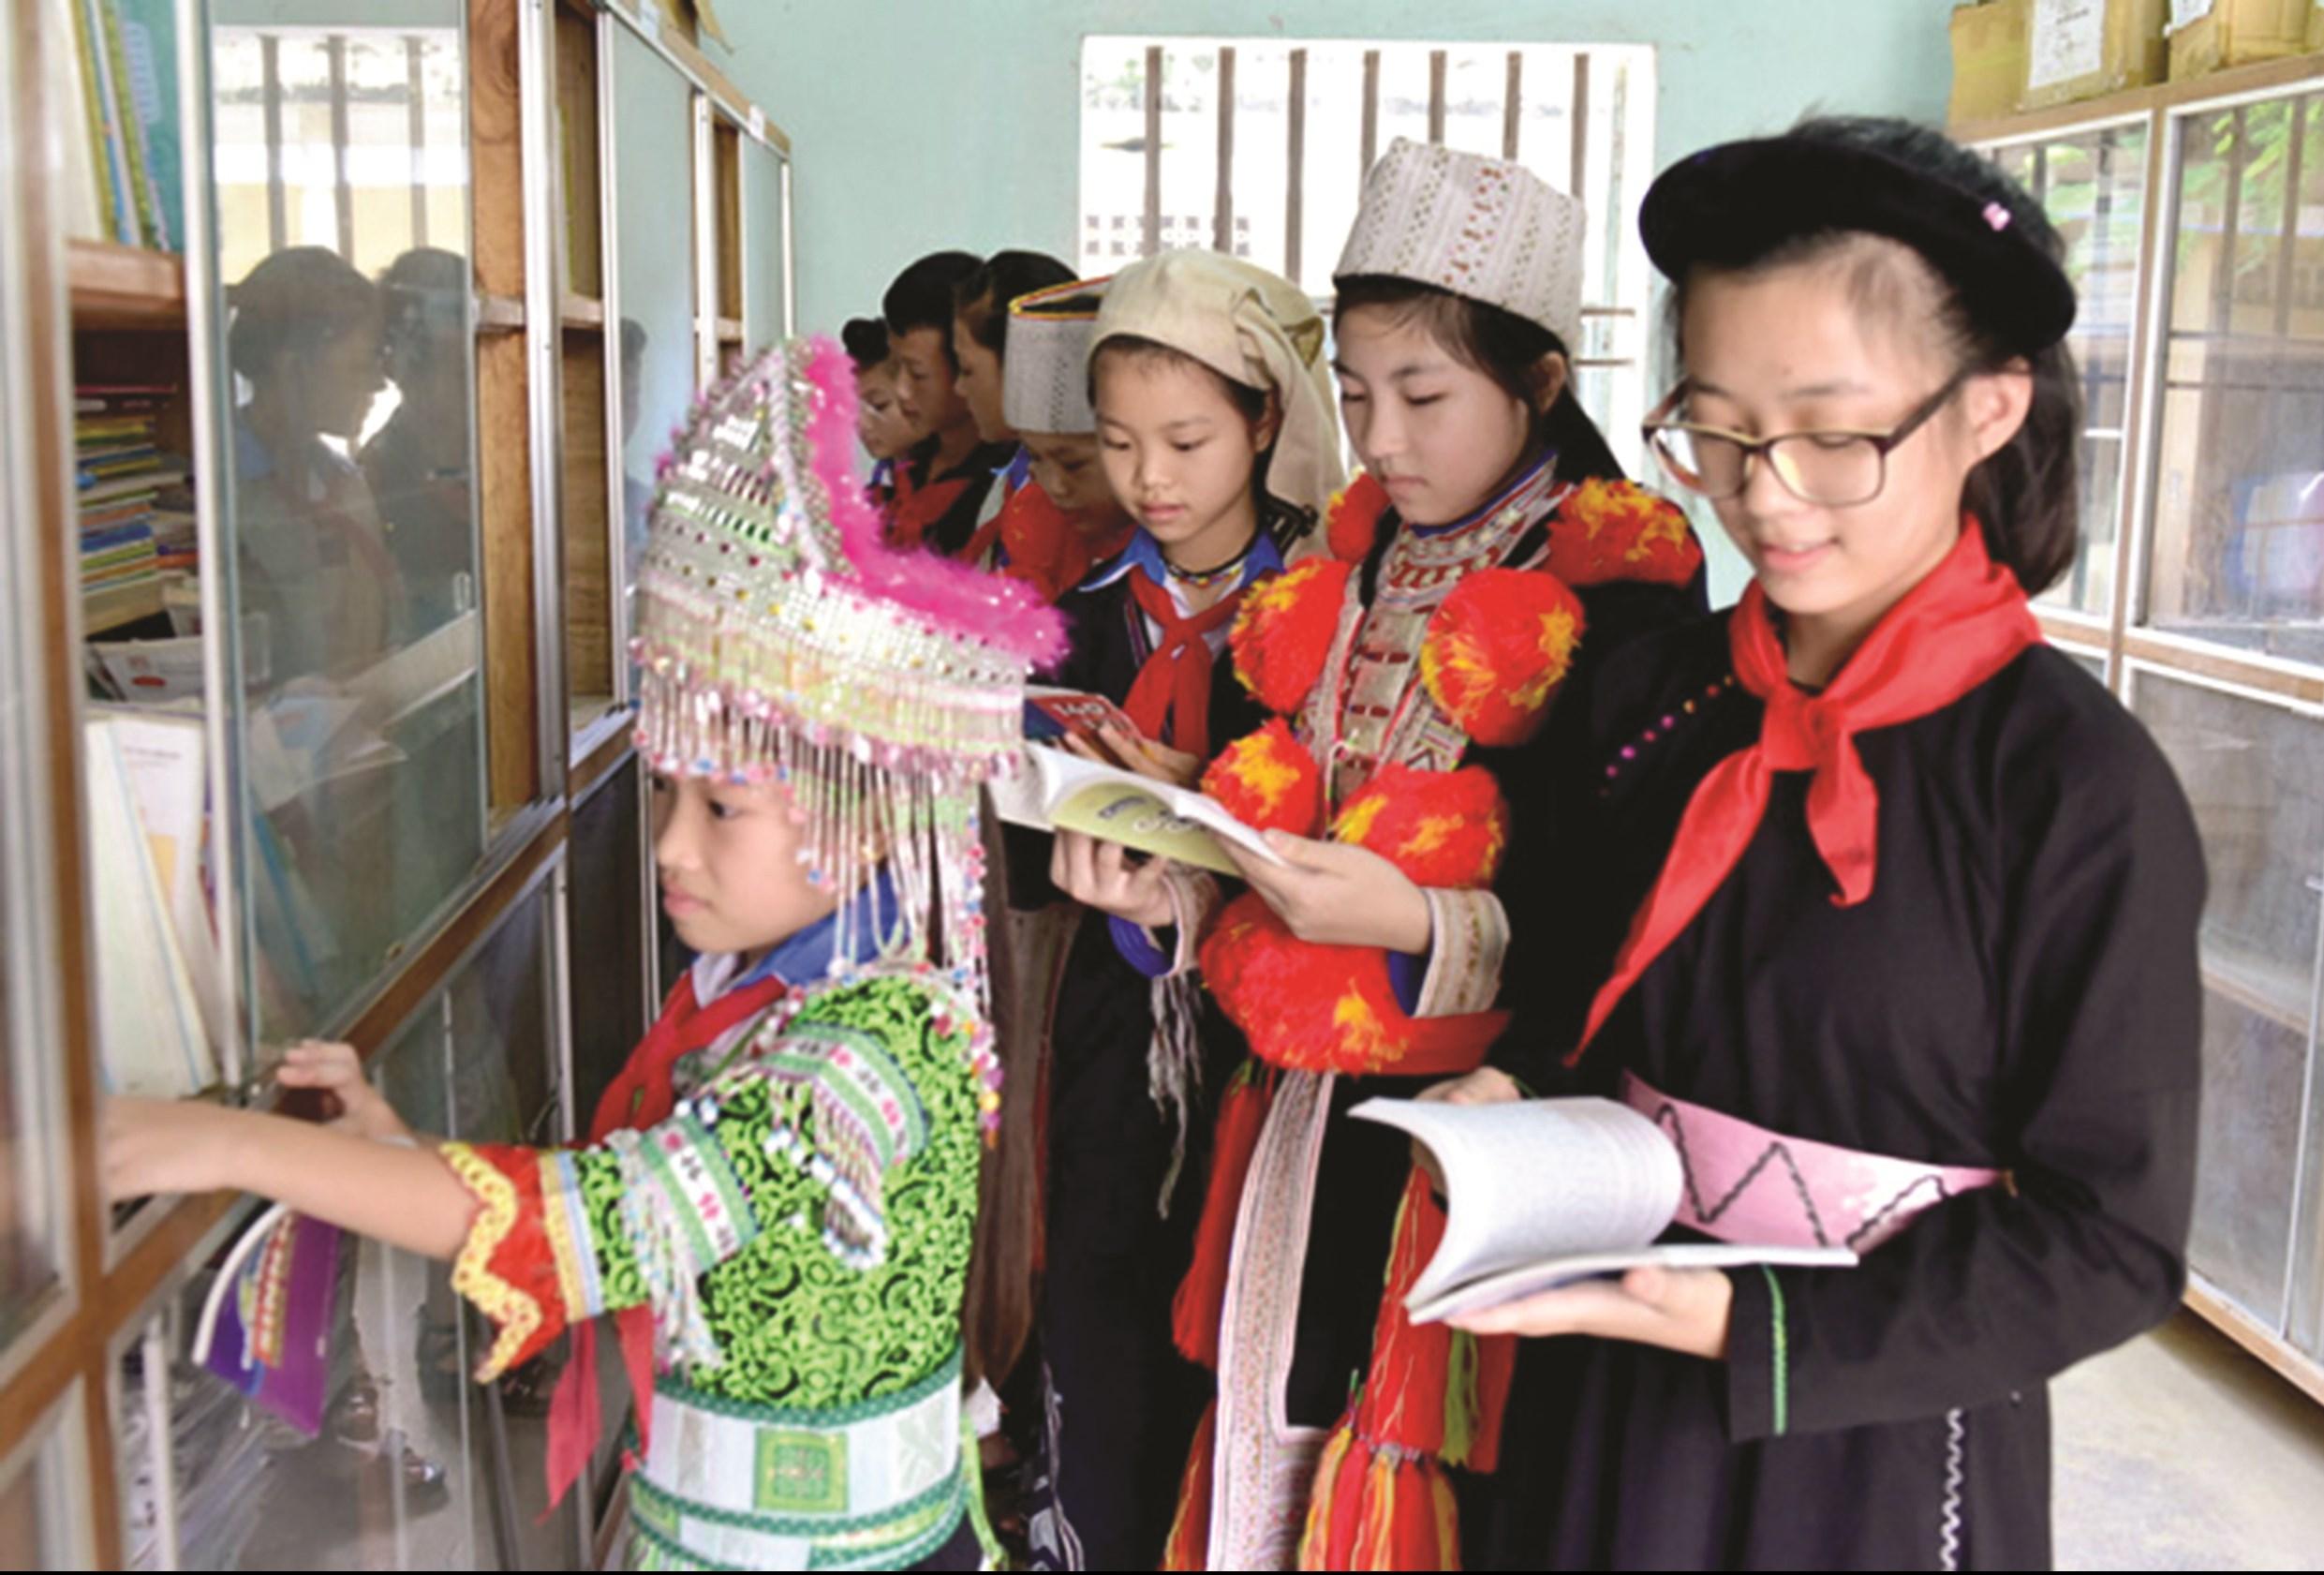 Luật Thư viện có hiệu lực được kỳ vọng phát triển văn hoá đọc trong thời kỳ công nghệ số, đặc biệt là ở vùng DTTS, miền núi.